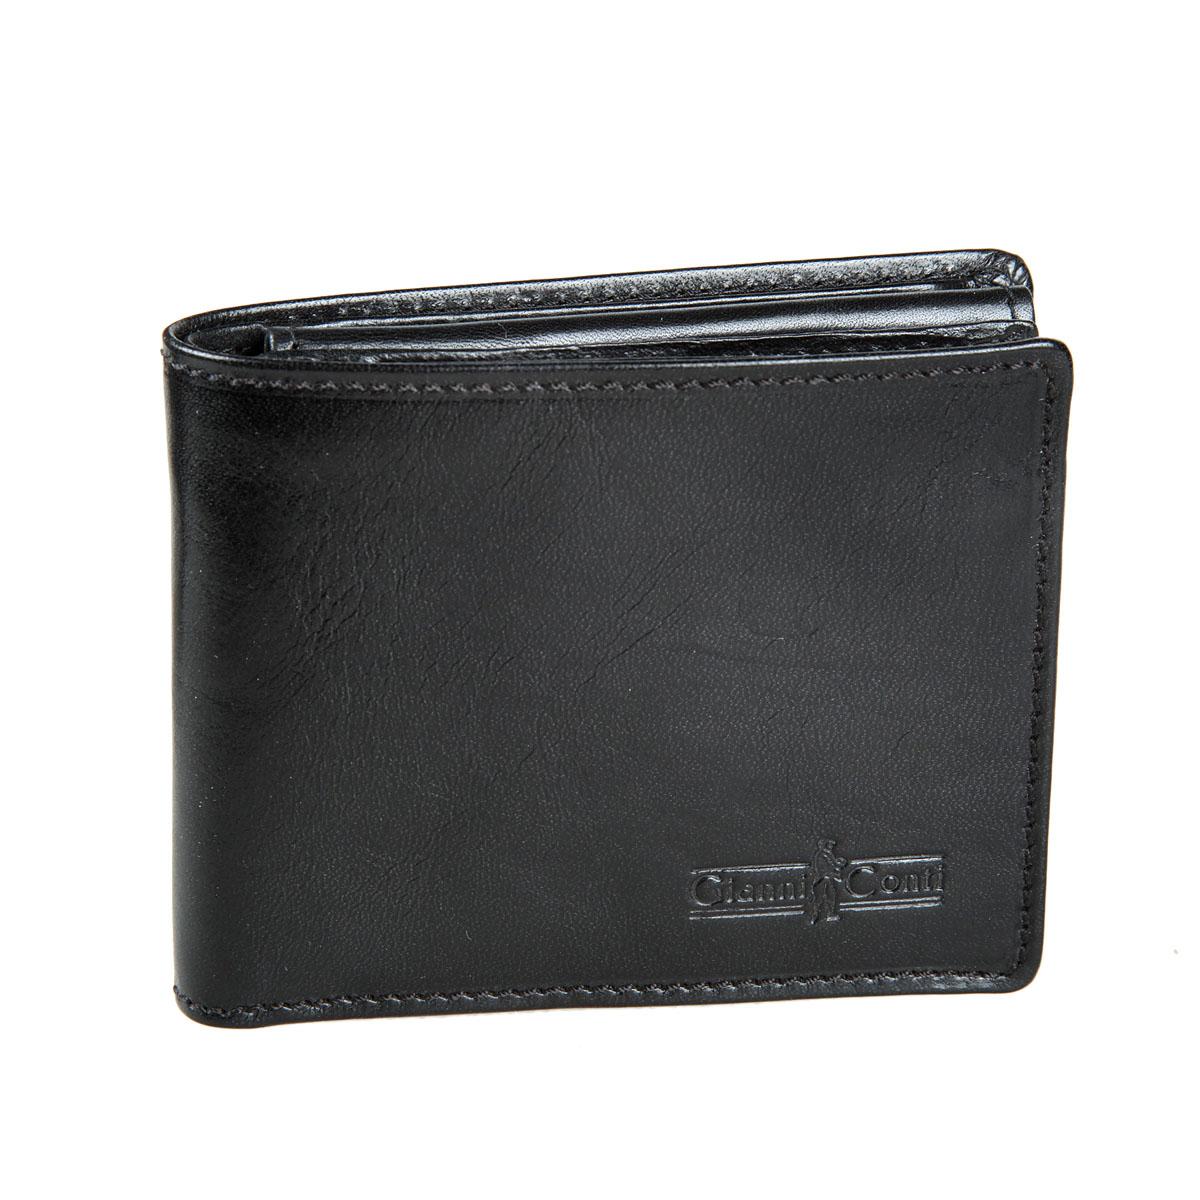 Портмоне мужское Gianni Conti, цвет: черный. 907018EQW-M710DB-1A1Стильное мужское портмоне Gianni Conti выполнено из натуральной кожи. Лицевая сторона оформлена тиснением в виде названия бренда производителя.Изделие раскладывается пополам. Внутри имеется два отделения для купюр, четыре потайных кармана, пять кармашков для визиток и пластиковых карт и карман для мелочи на кнопке. Портмоне упаковано в фирменную картонную коробку. Оригинальное портмоне подчеркнет вашу индивидуальность и изысканный вкус, а также станет замечательным подарком человеку, ценящему качественные и практичные вещи.